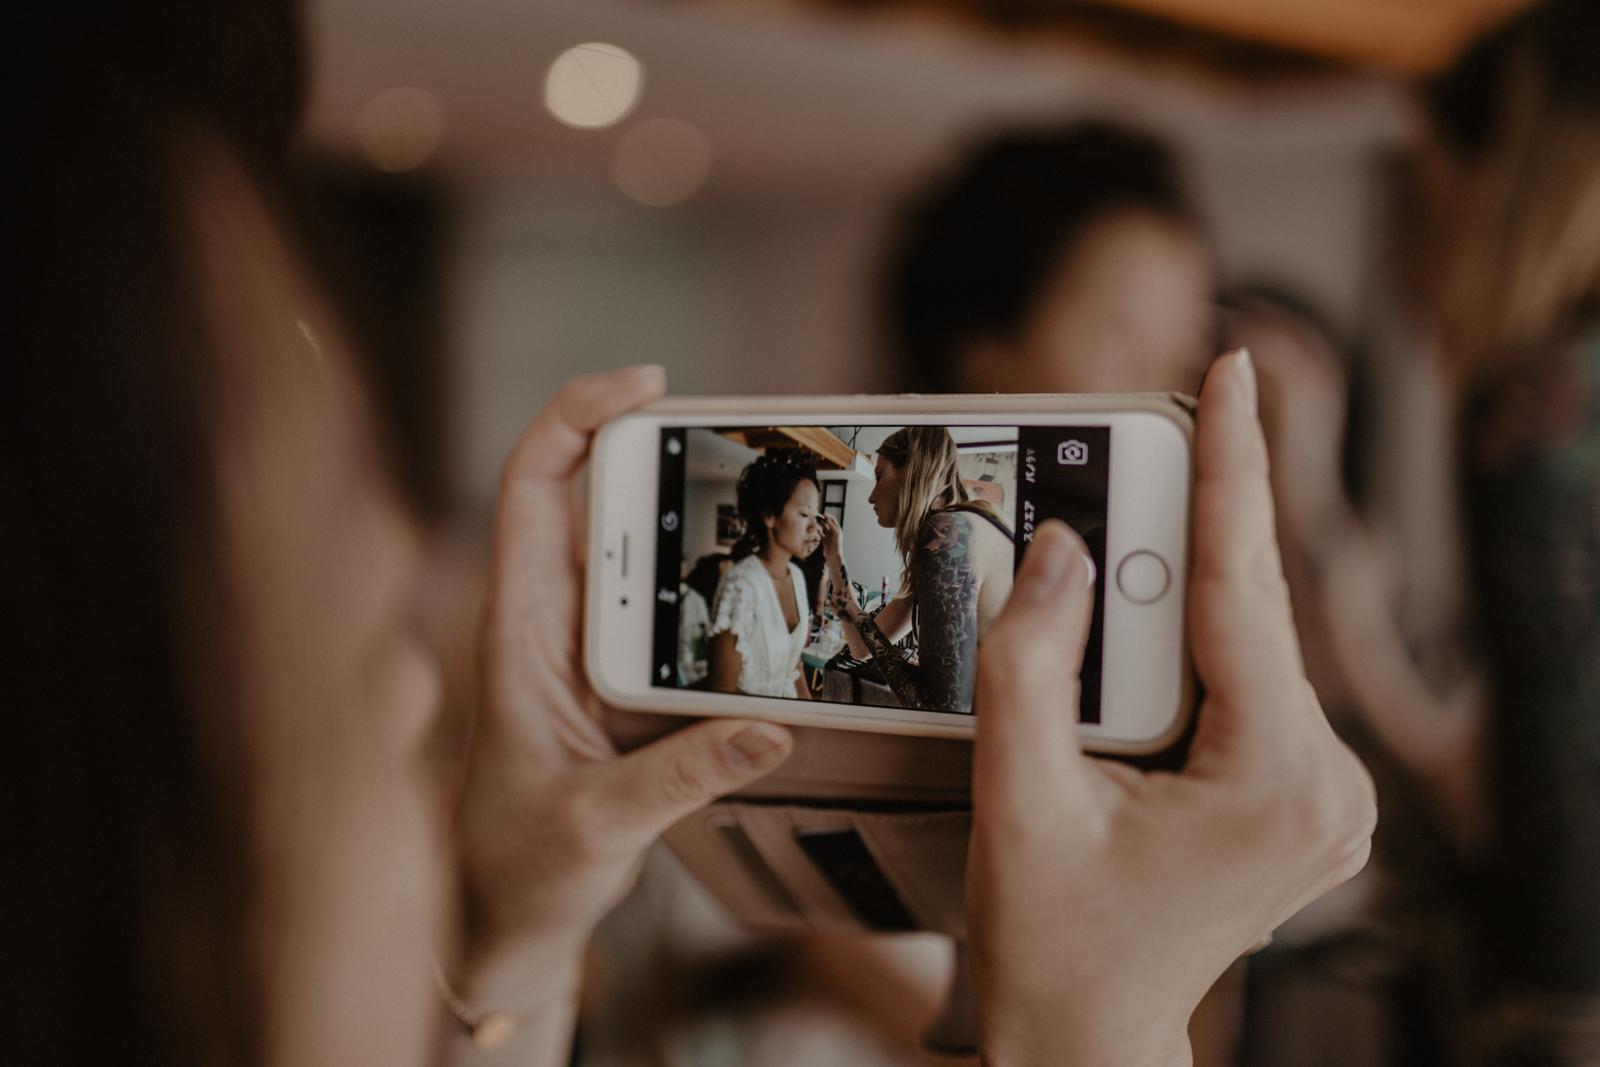 thenortherngirlphotography_photography_thenortherngirl_rebeccascabros_wedding_weddingphotography_weddingphotographer_barcelona_bodaenlabaronia_labaronia_japanesewedding_destinationwedding_shokoalbert-74.jpg